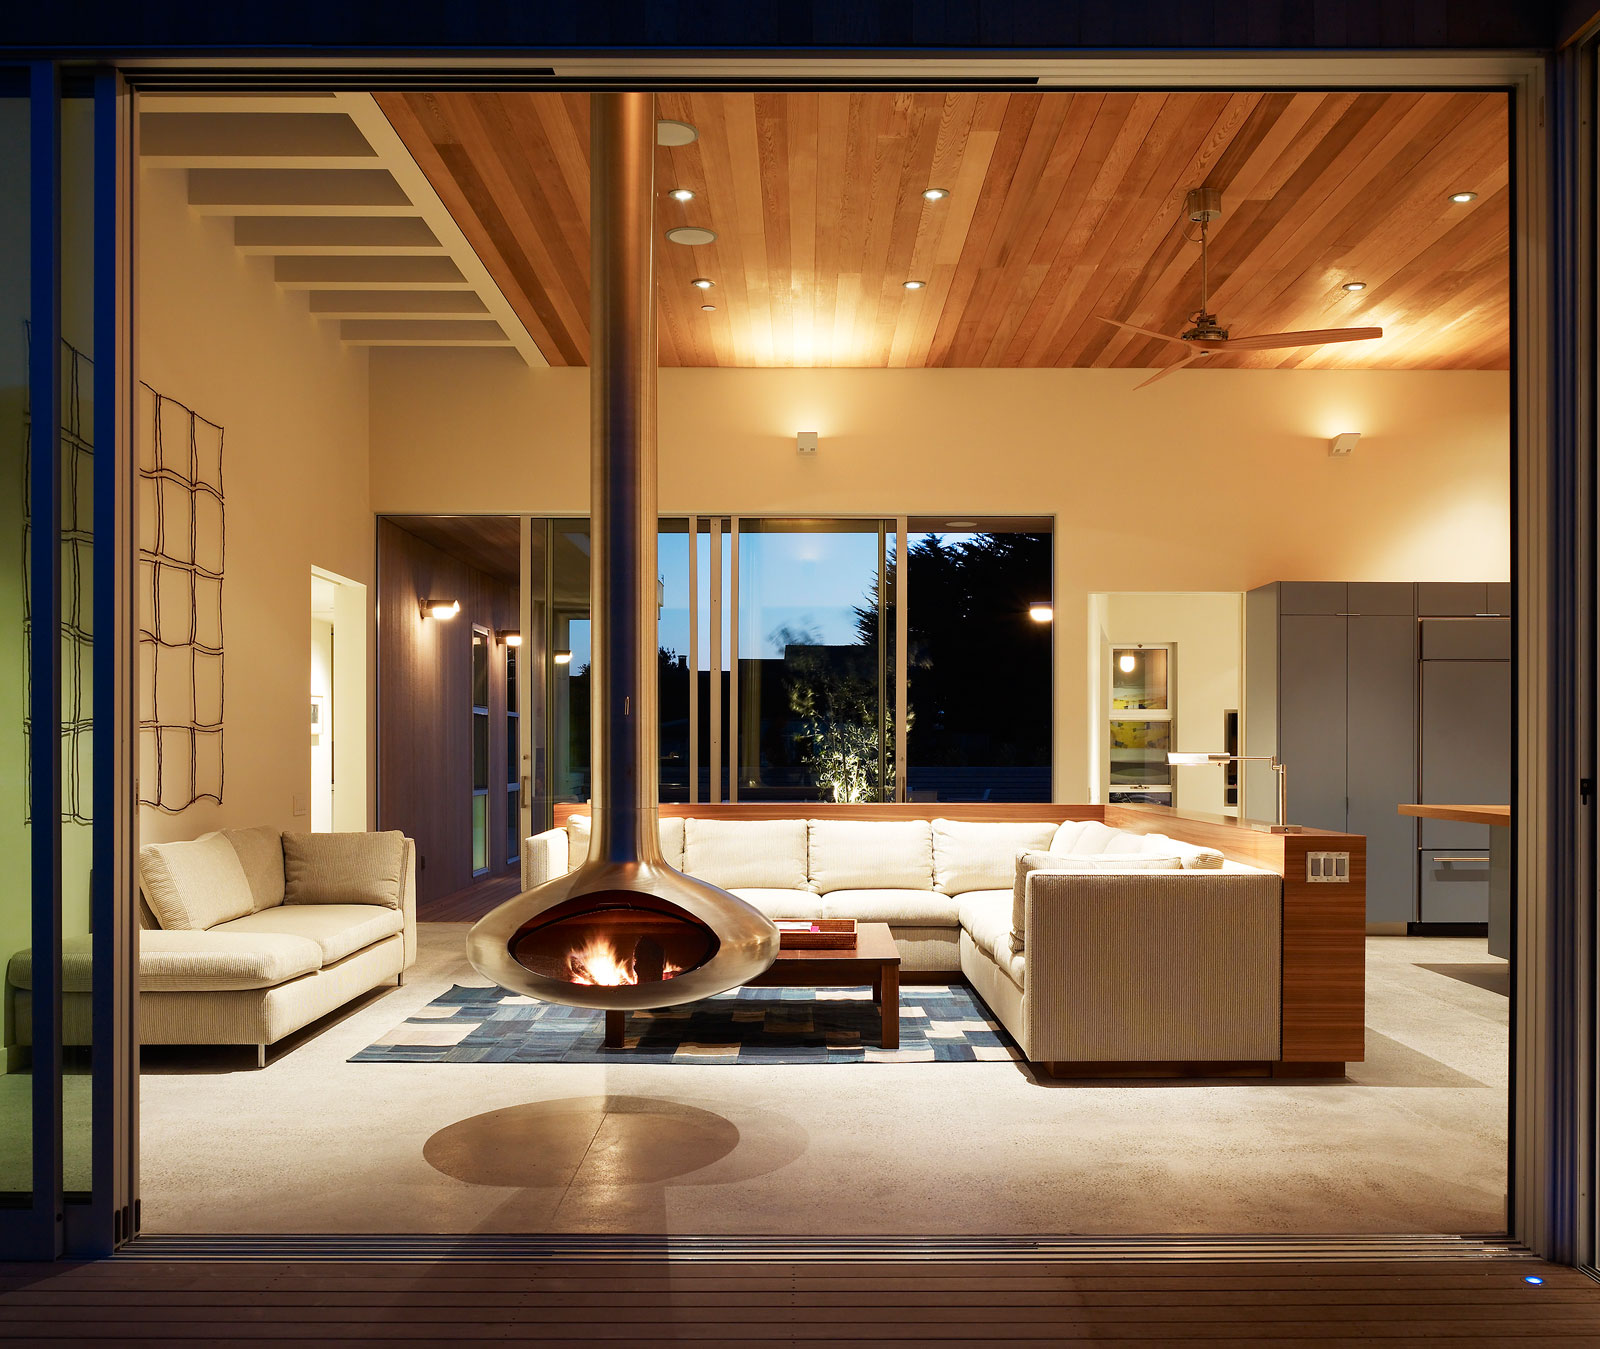 schöne wohnzimmer ideen | bnbnews.co - Ideen Wohnzimmer